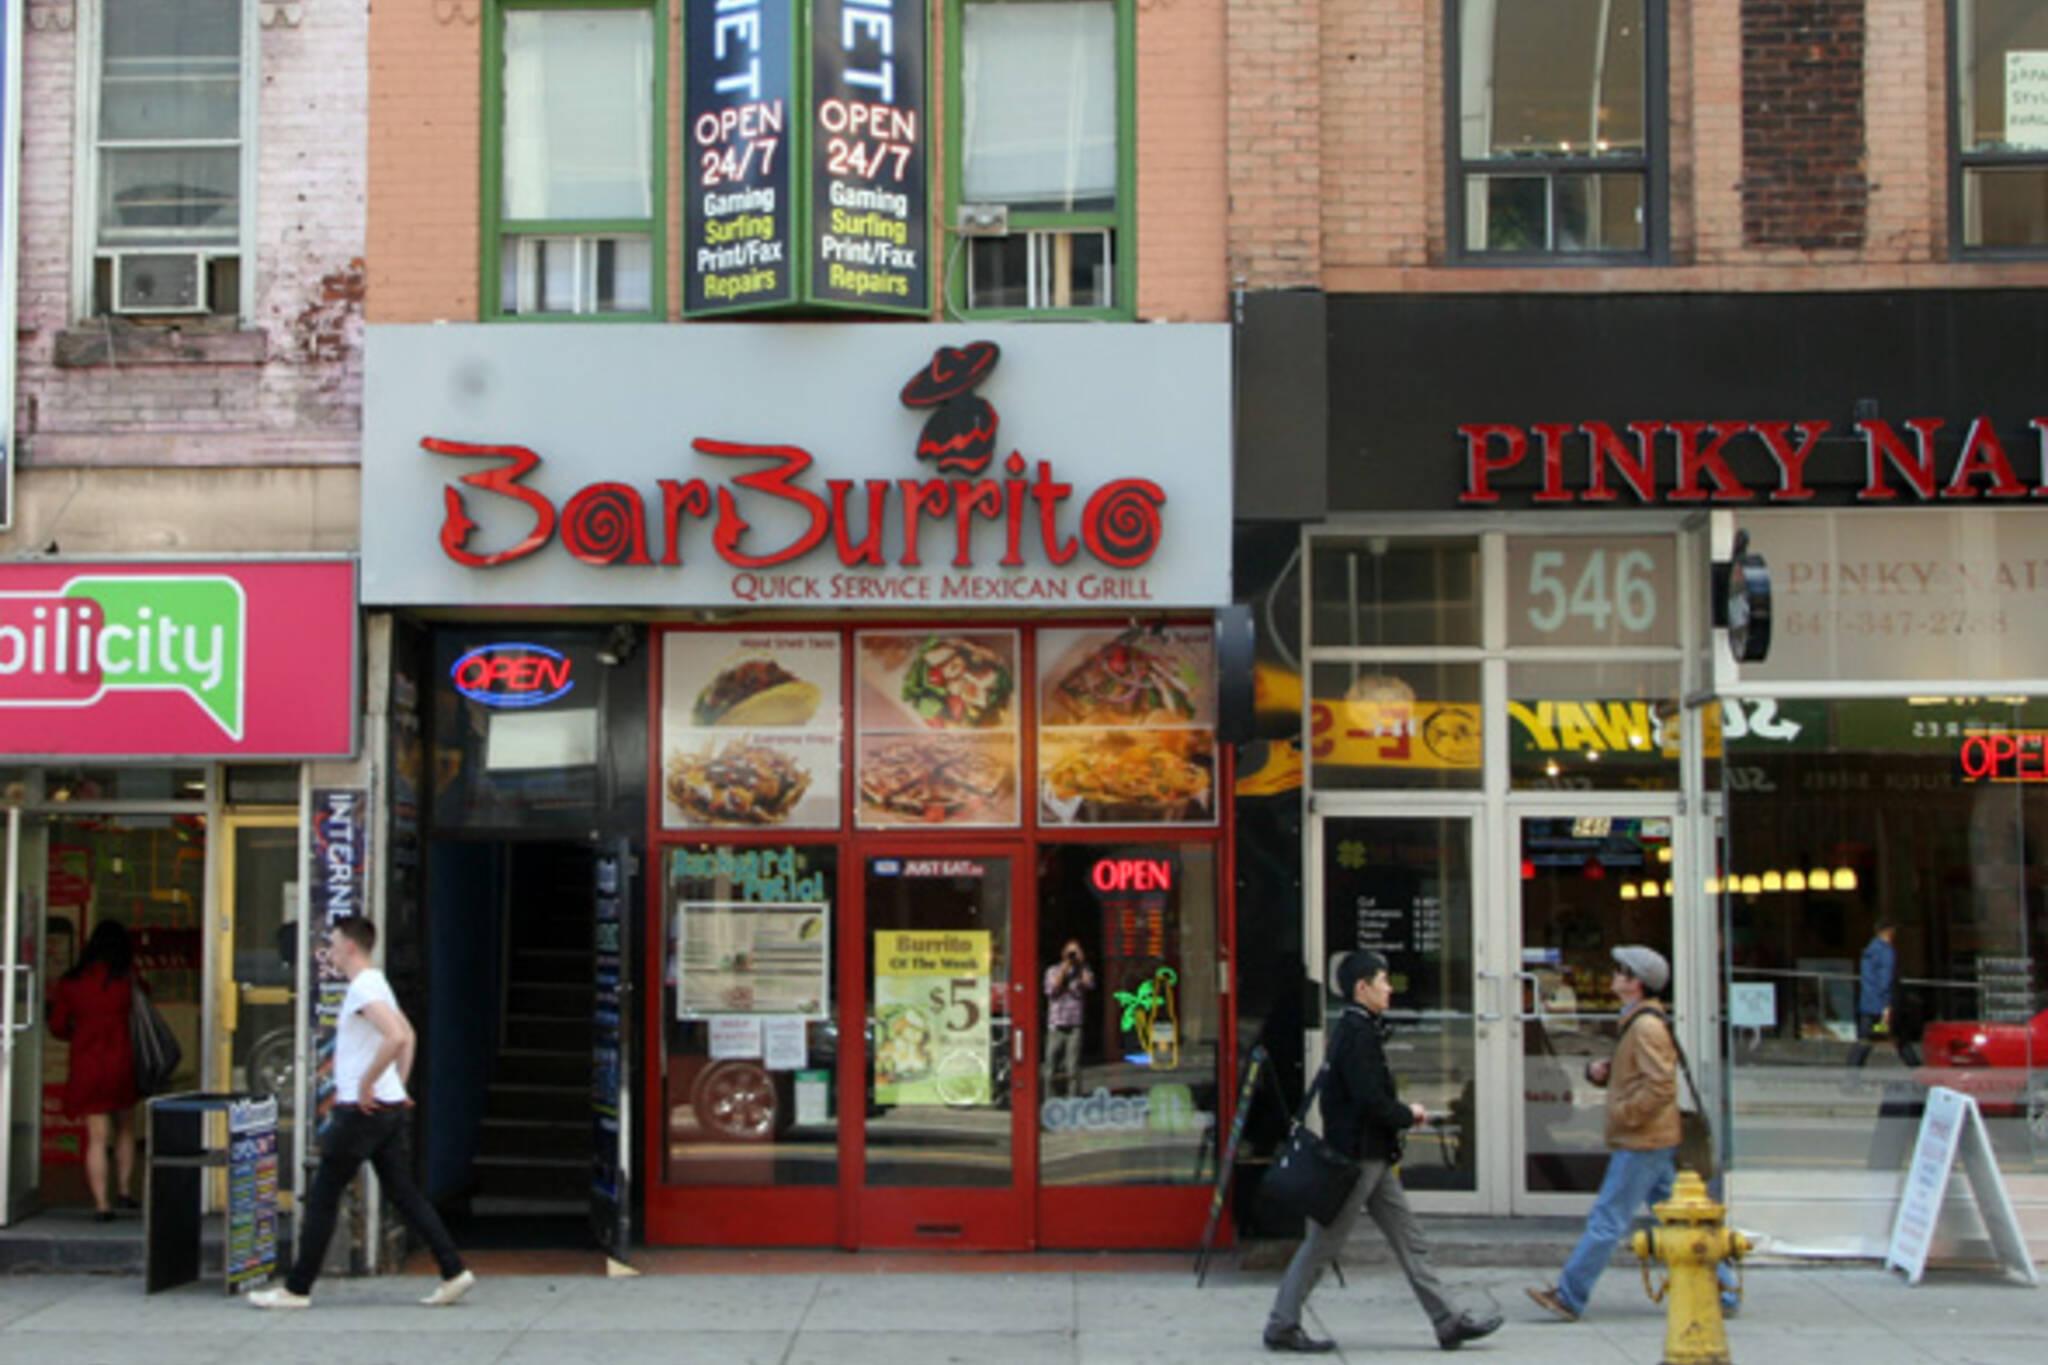 bar burrito toronto